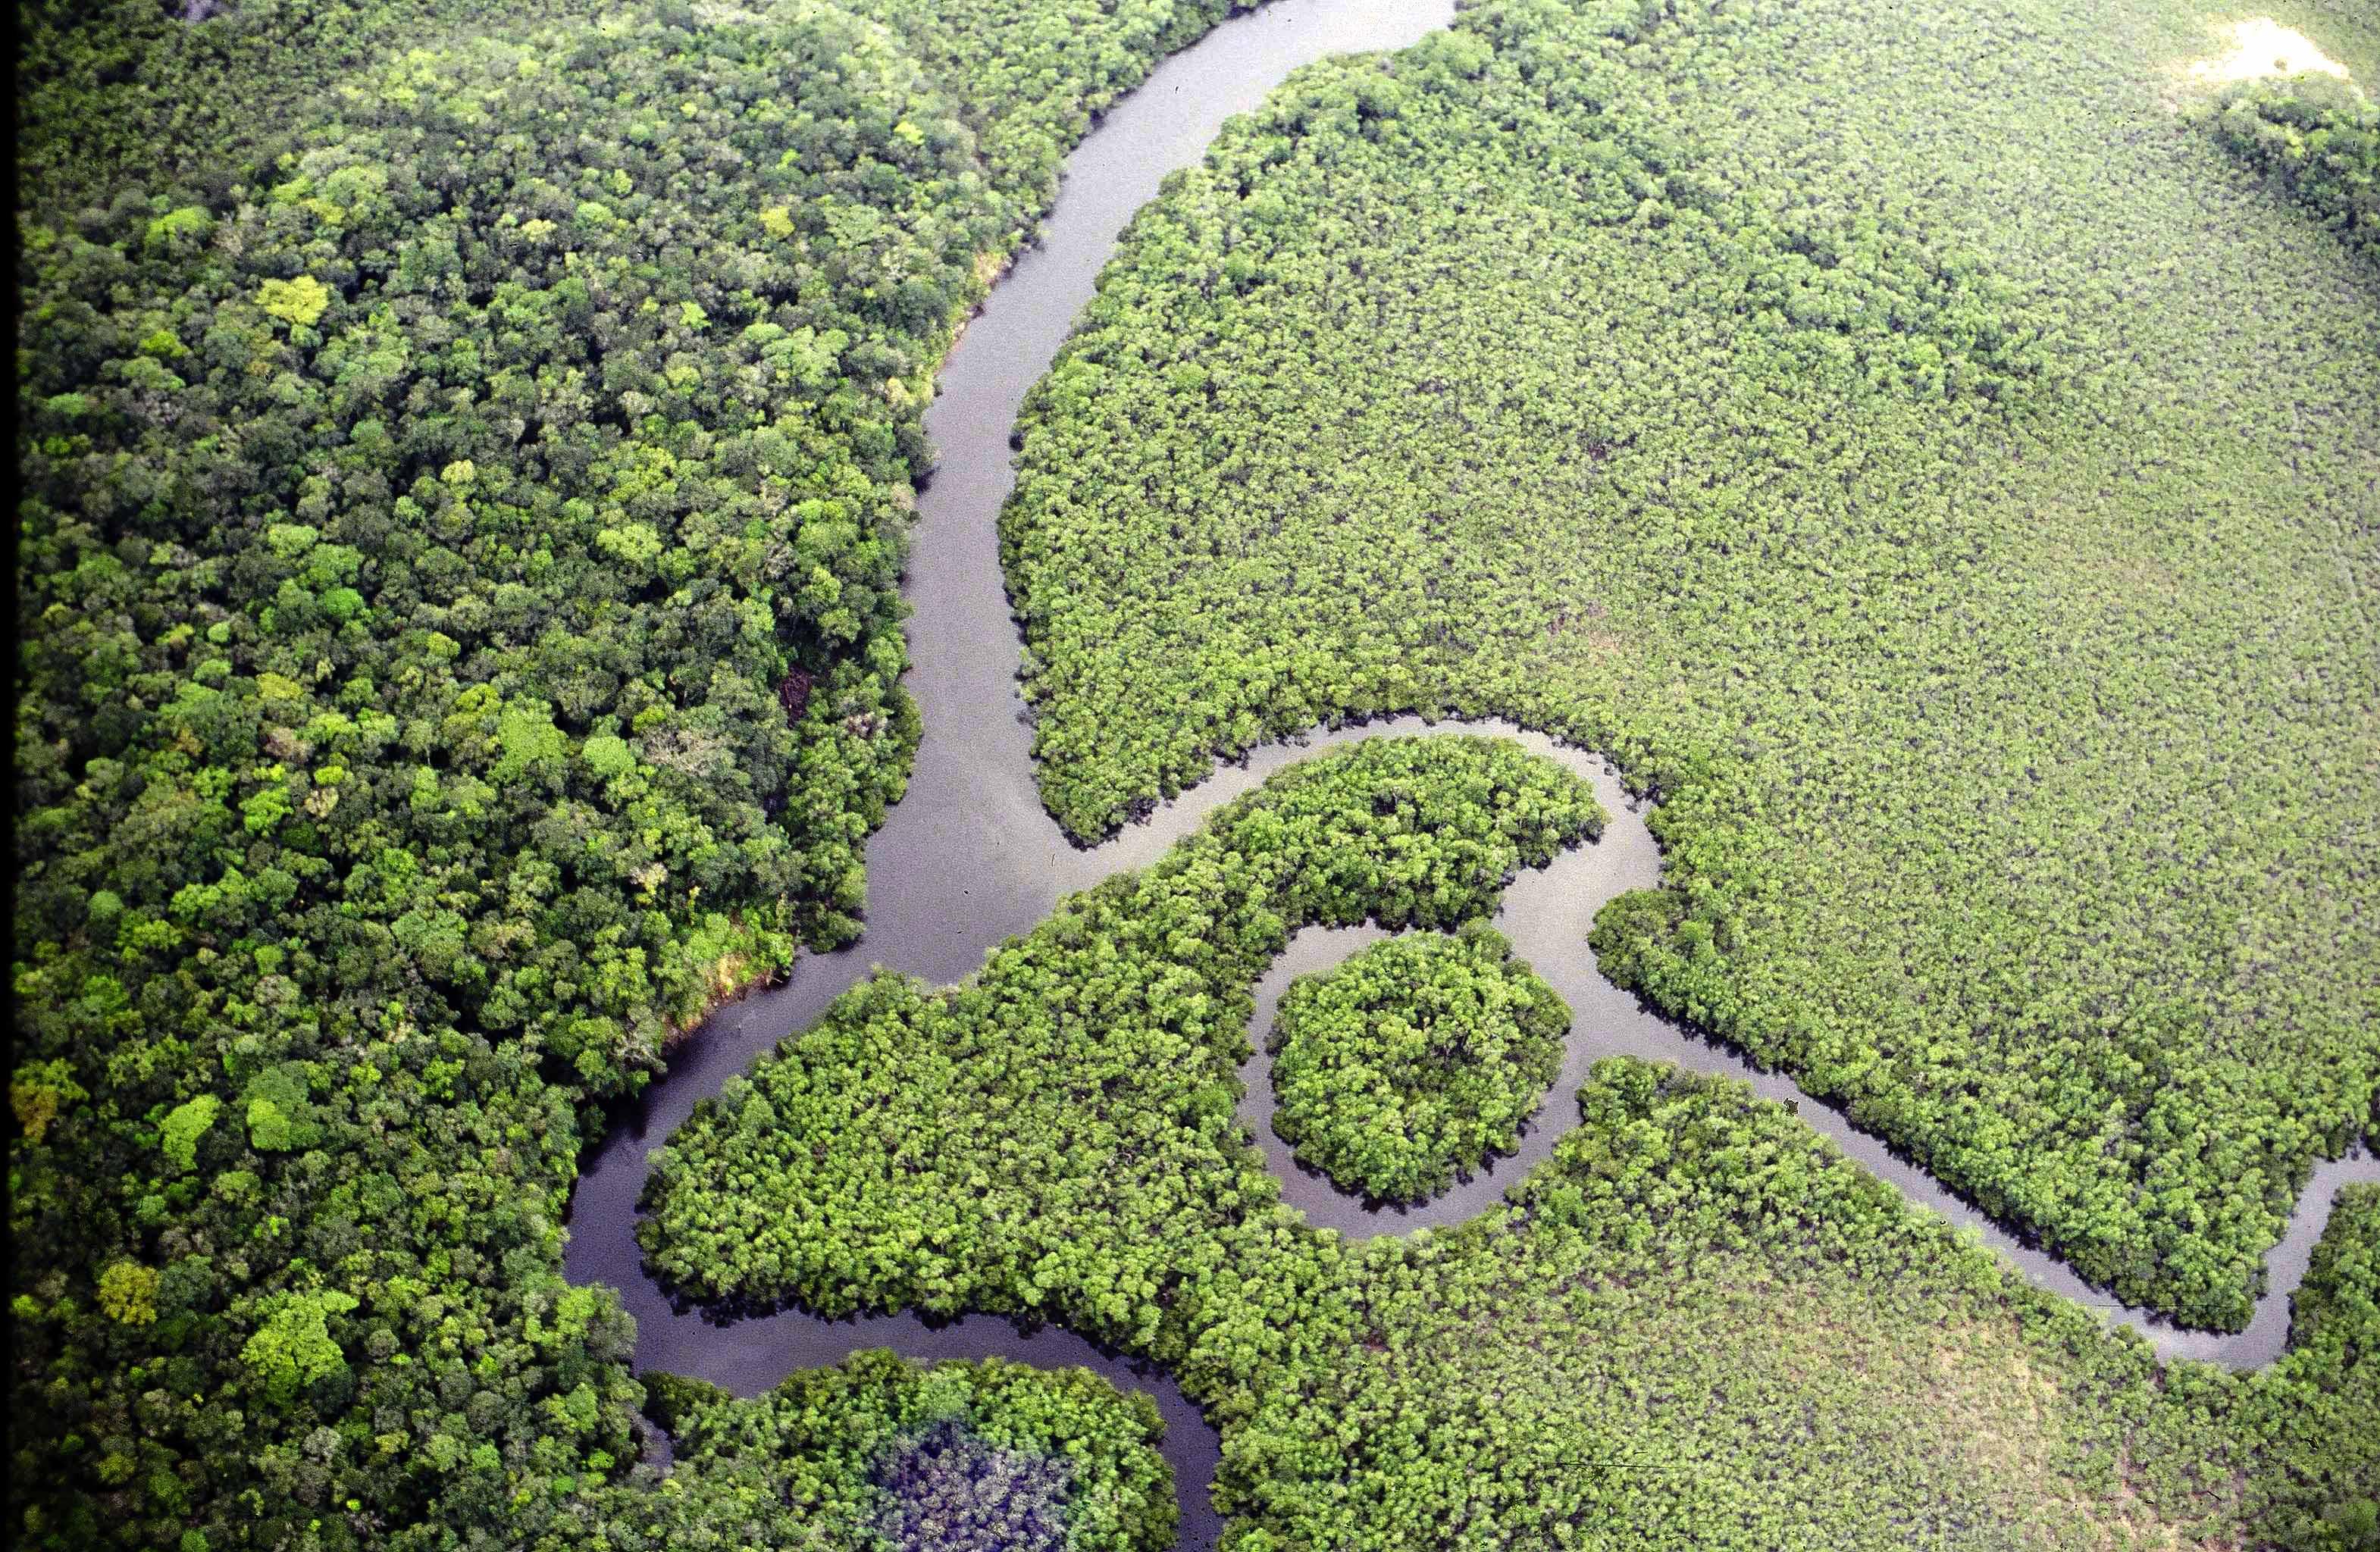 Reserva ecológica Alto Maués.